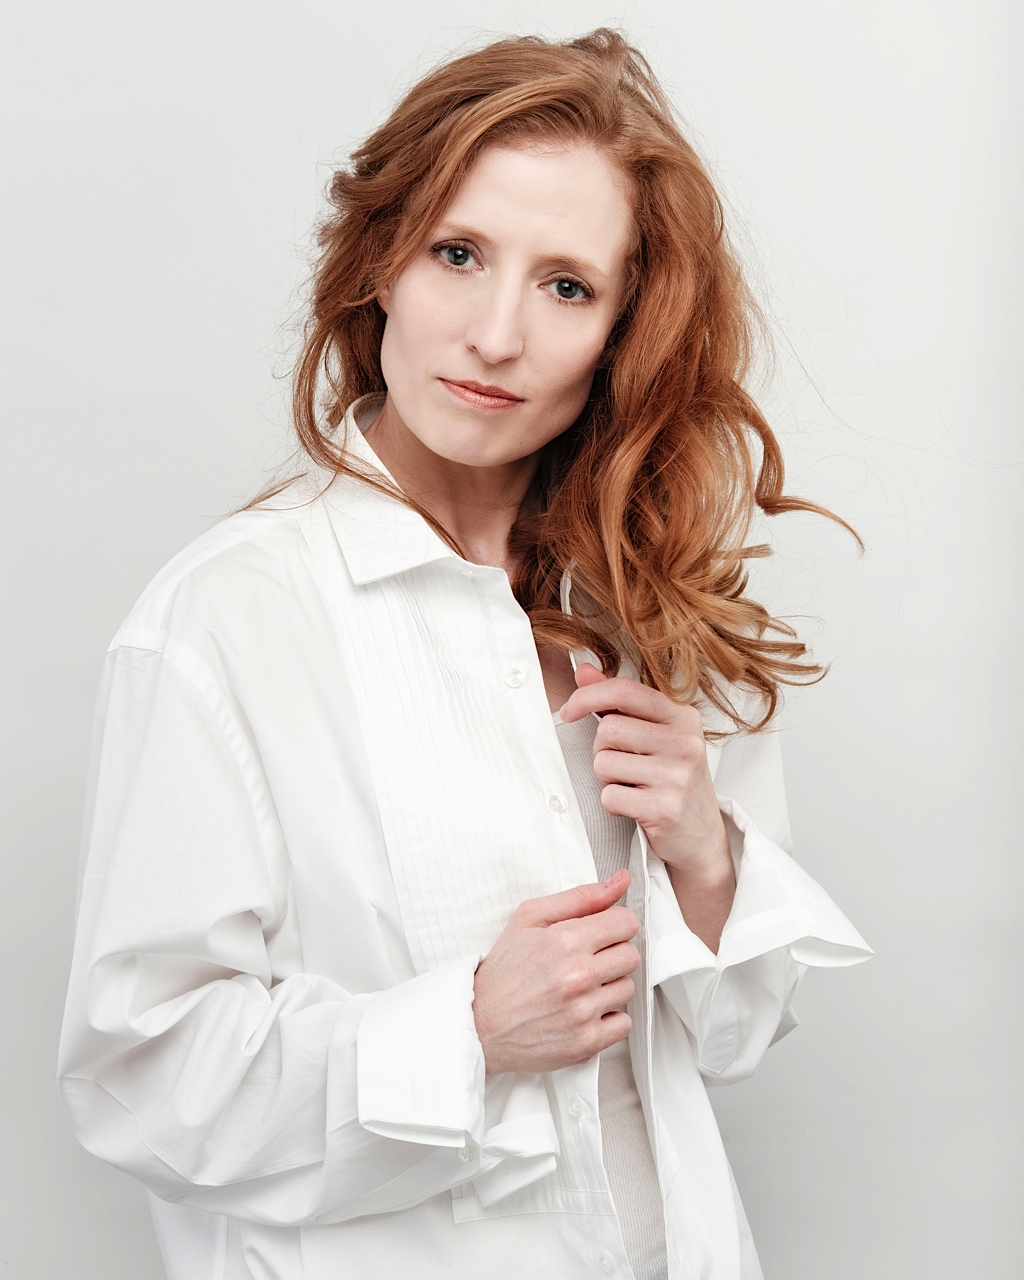 Heidi Berg HS 2016